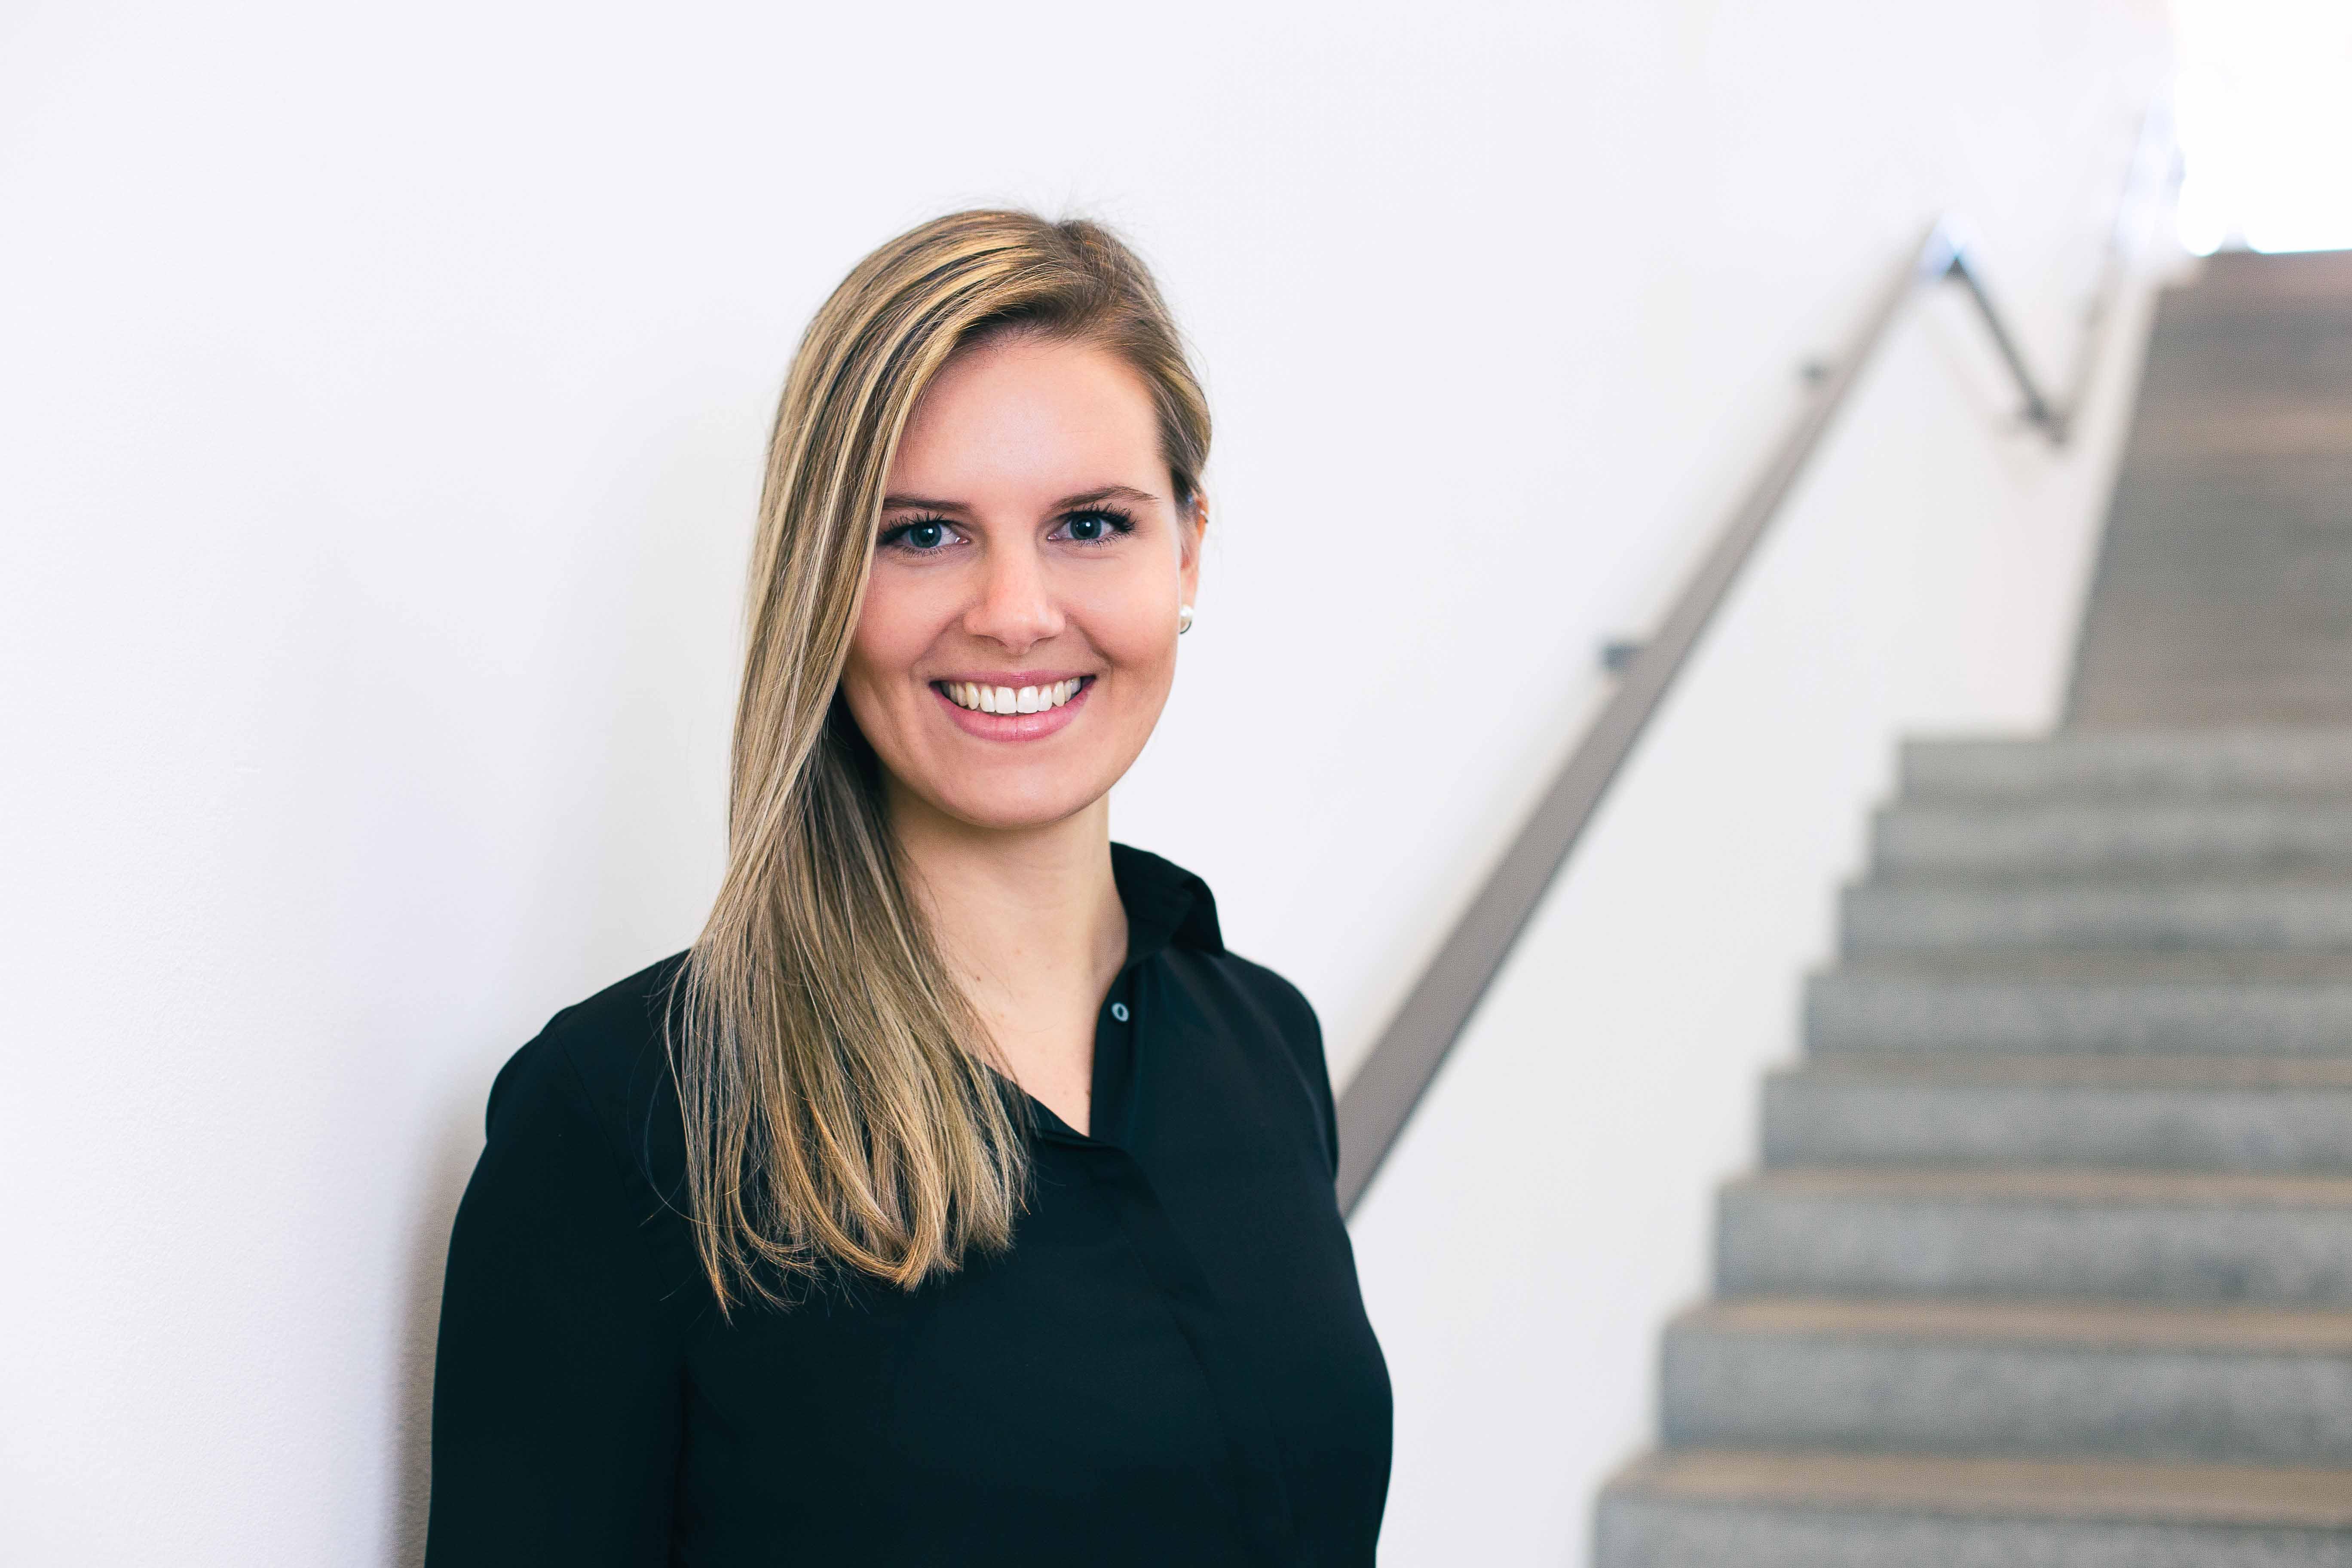 Businessfoto einer blonden Frau in schwarz vor einer Treppe